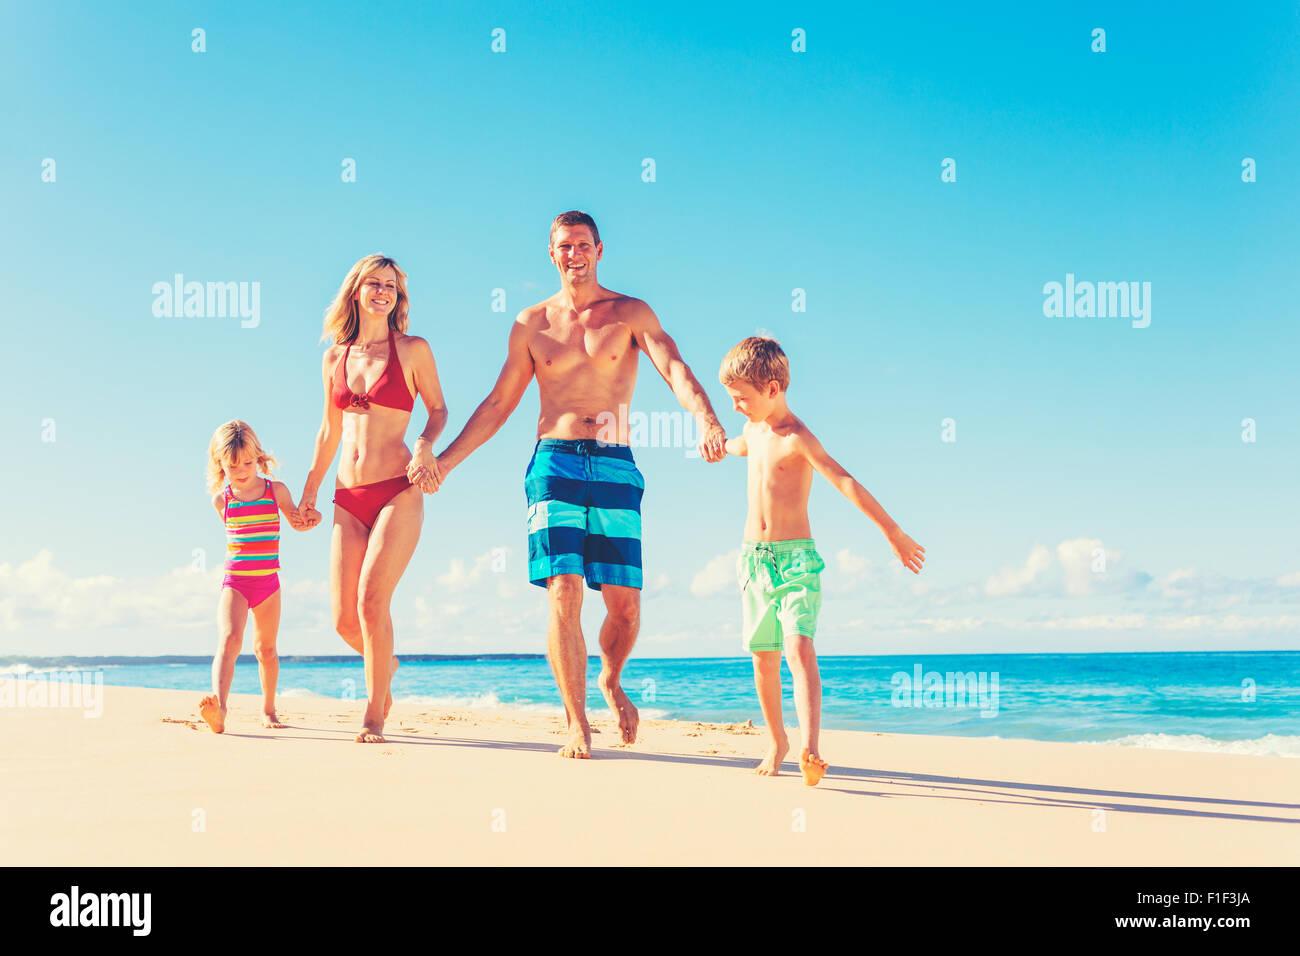 Vacanza in famiglia. La famiglia felice avendo divertimento sulla calda bella spiaggia soleggiata. Lo stile di vita Immagini Stock